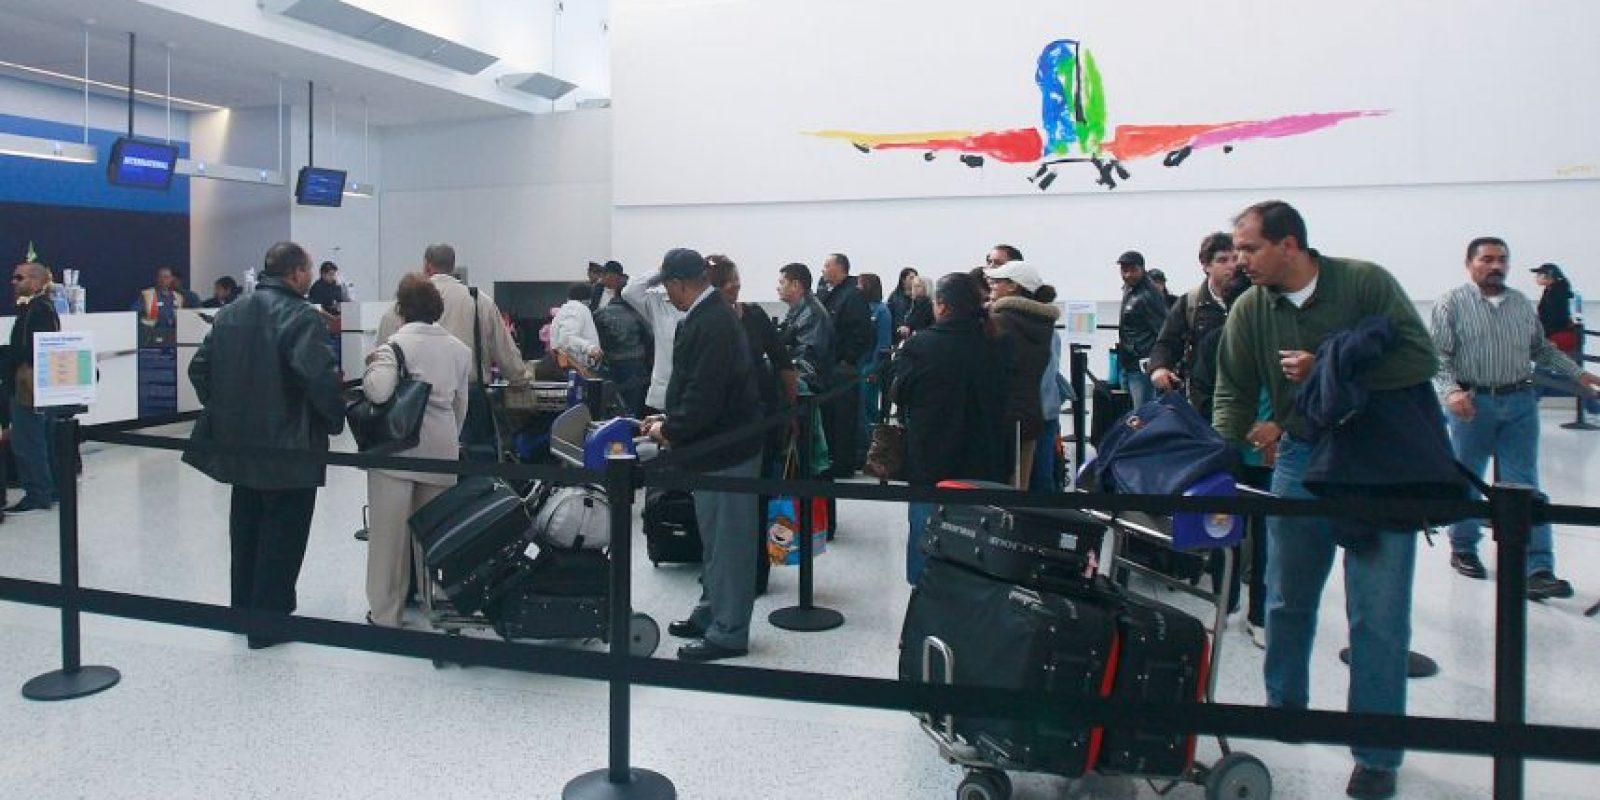 El avión de 150 asientos despegó desde el aeropuerto de Nueva York John F. Kennedy. Foto:Getty Images